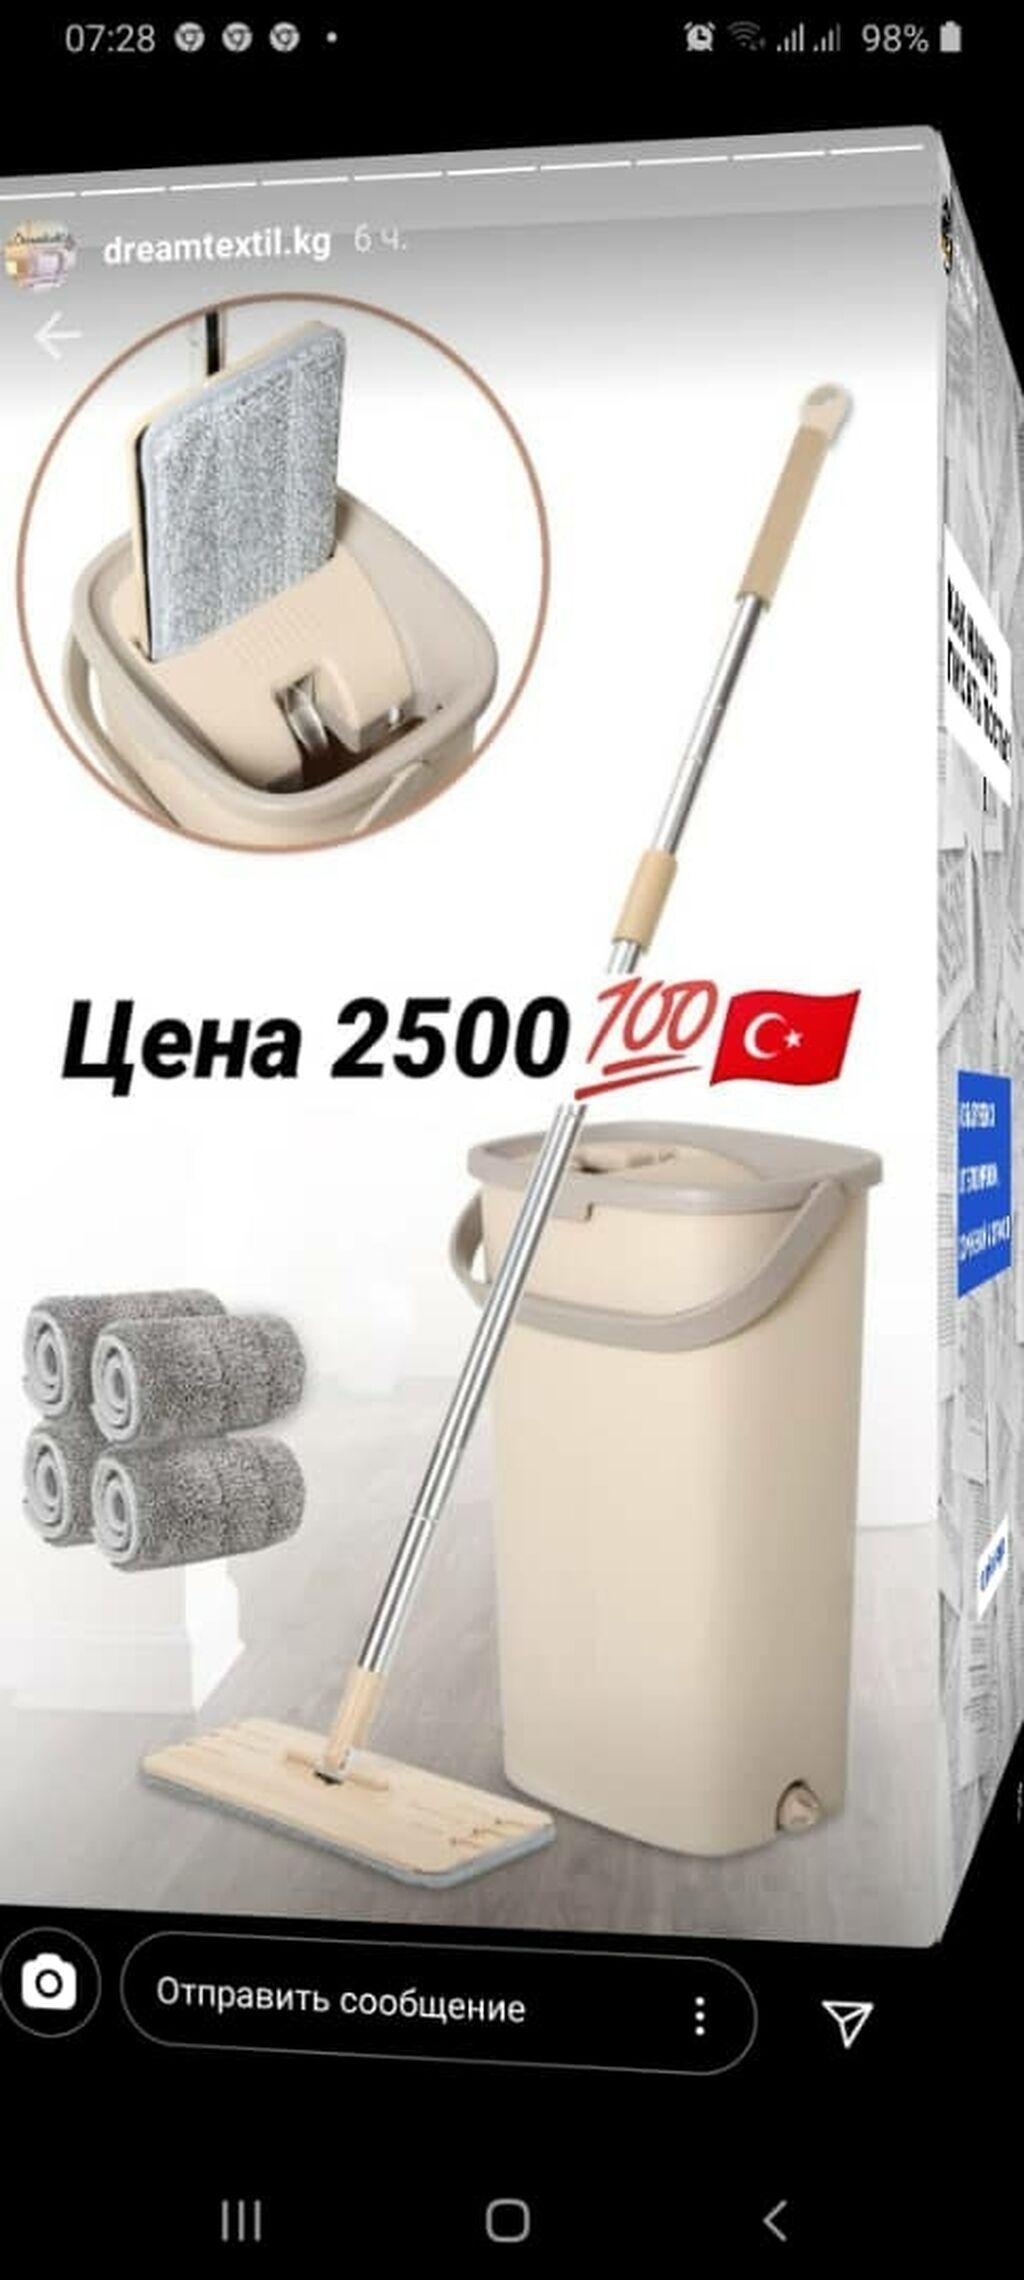 Турецкая очень удобная и качественная швабра есть запасные губки: Турецкая очень удобная и качественная швабра есть запасные губки